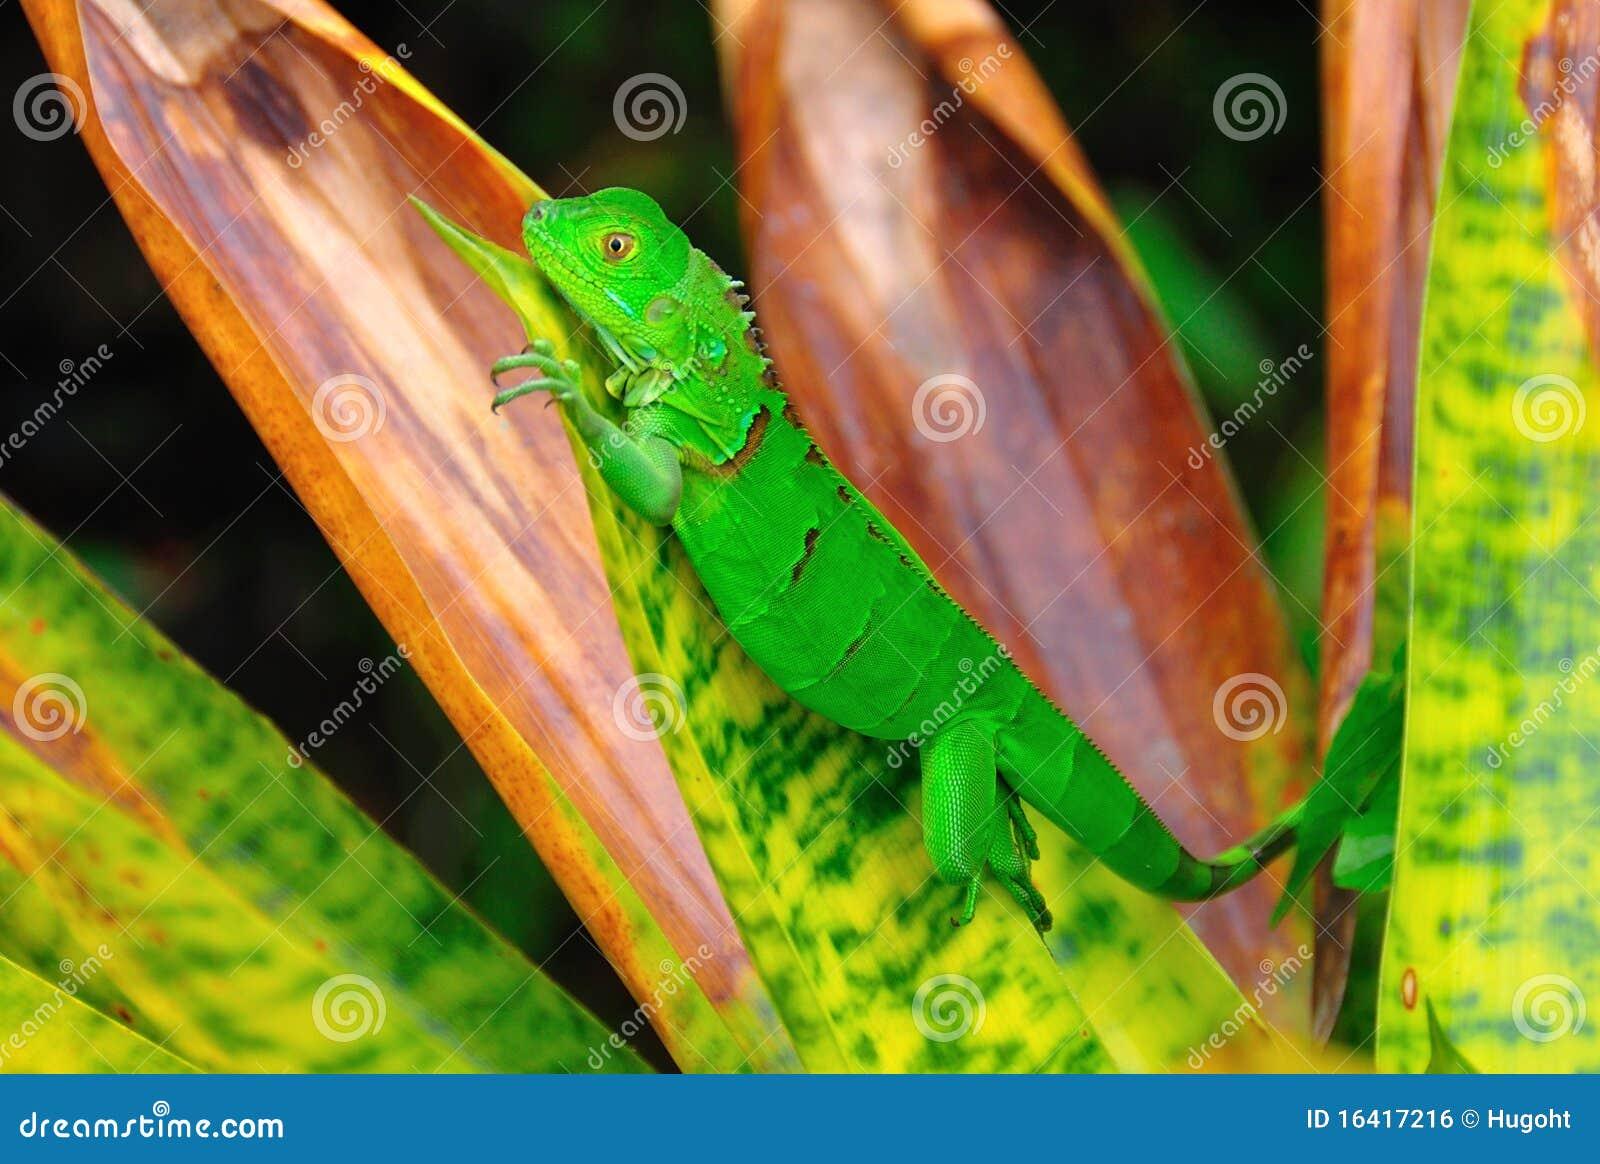 肋前缘绿色鬣鳞蜥rica